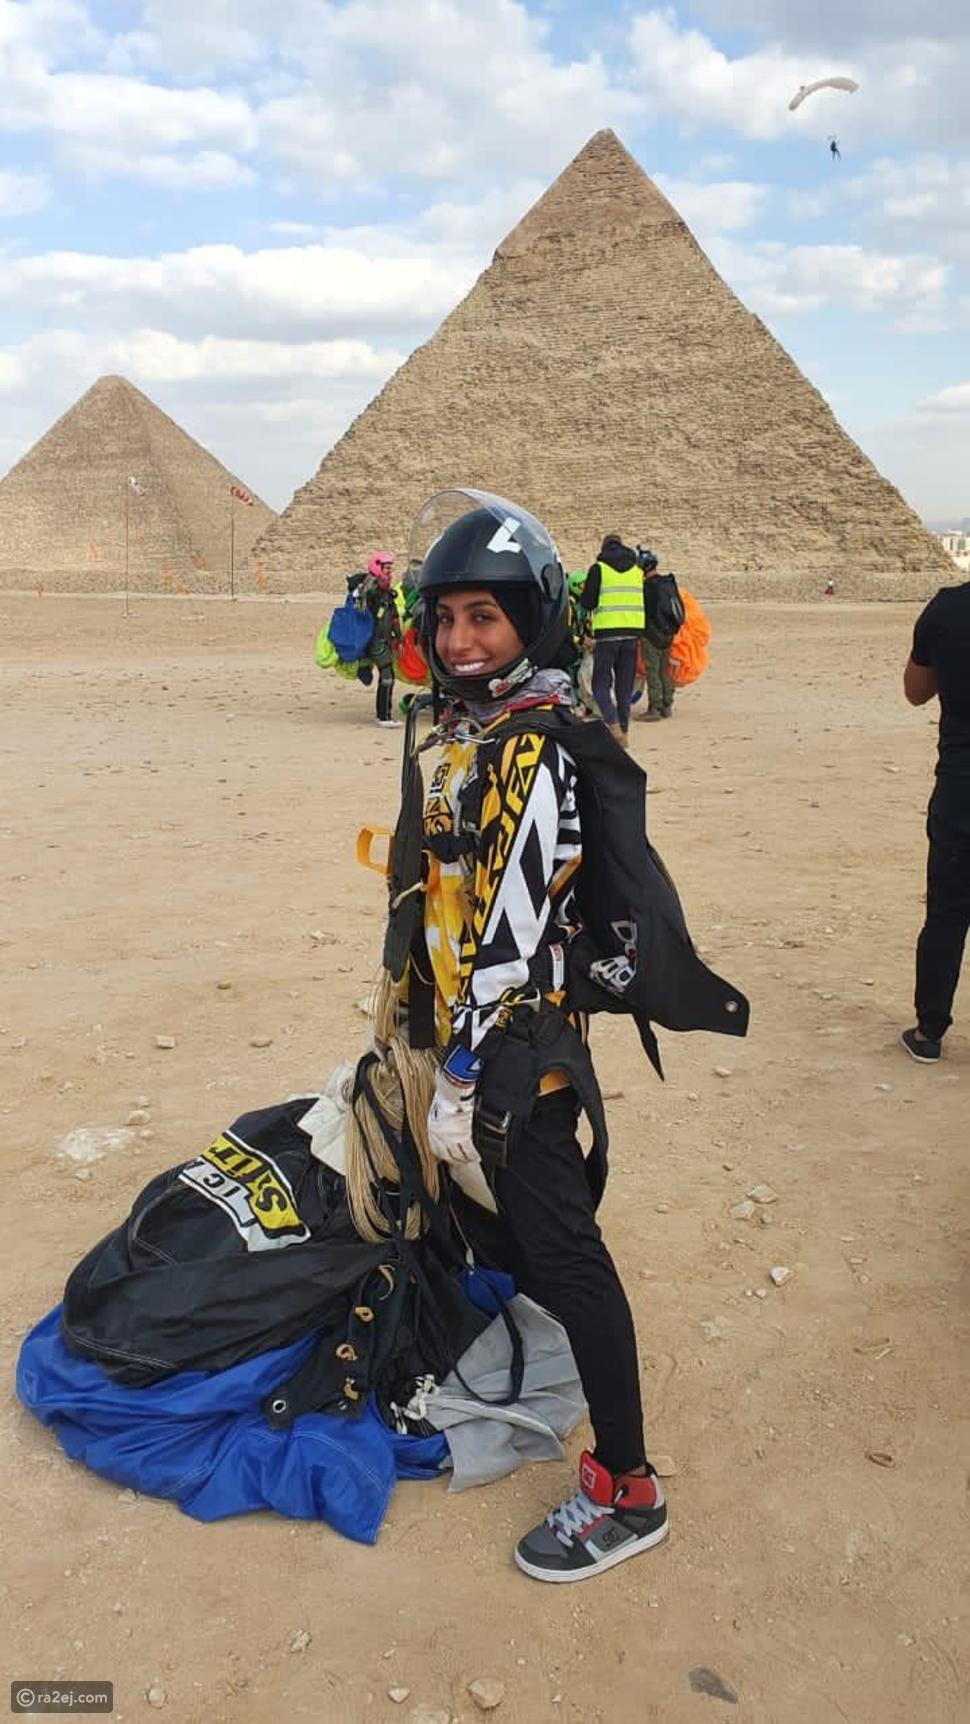 شيخة أحمد تقفز بعلم الإمارات من أعلى أهرامات الجيزة: حققت حلمها